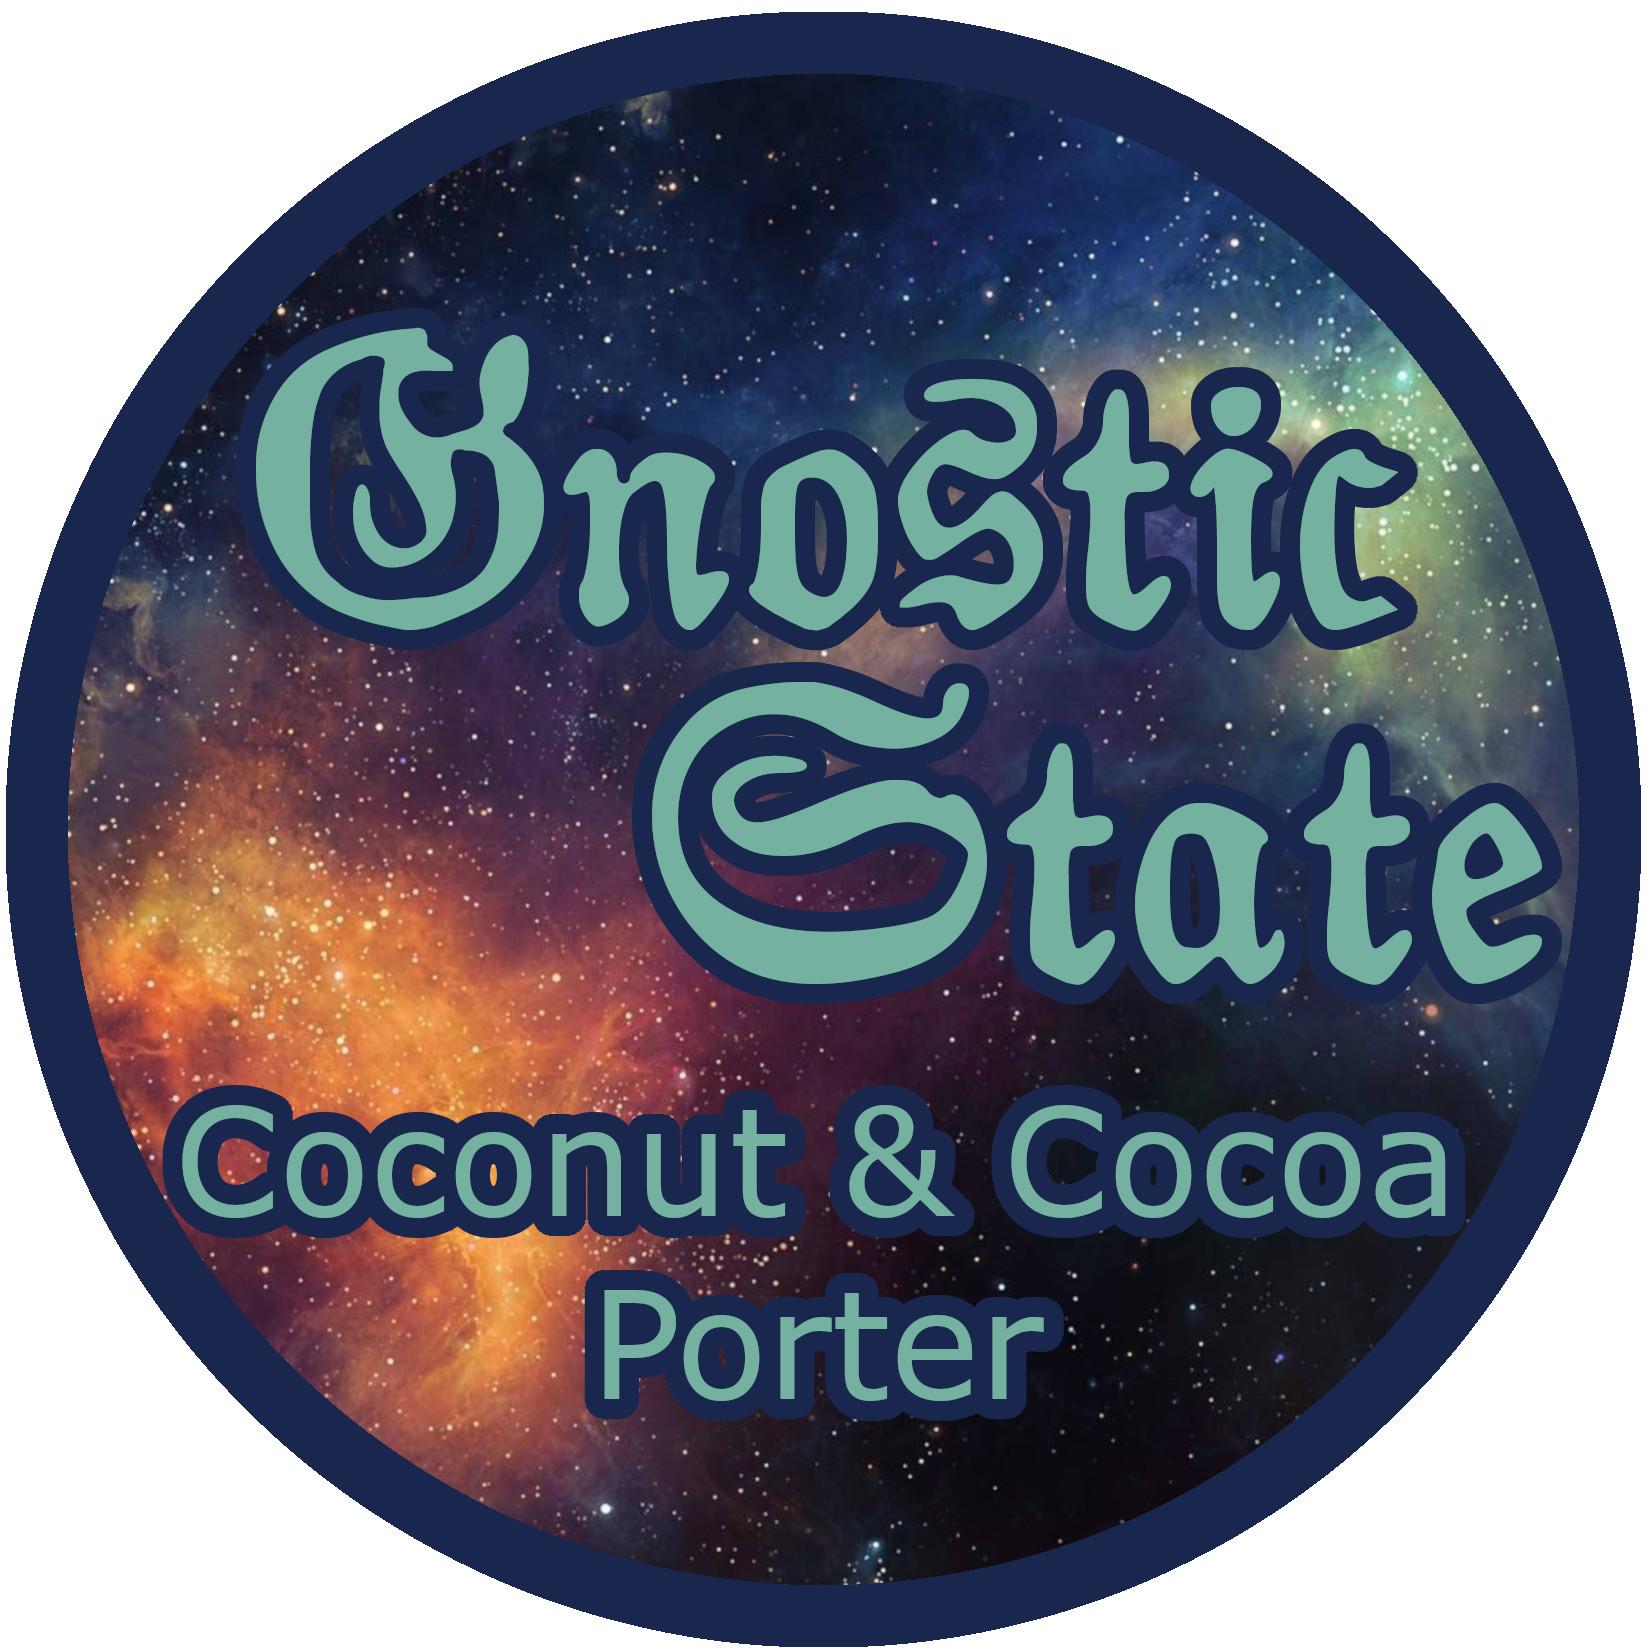 Gnostic State